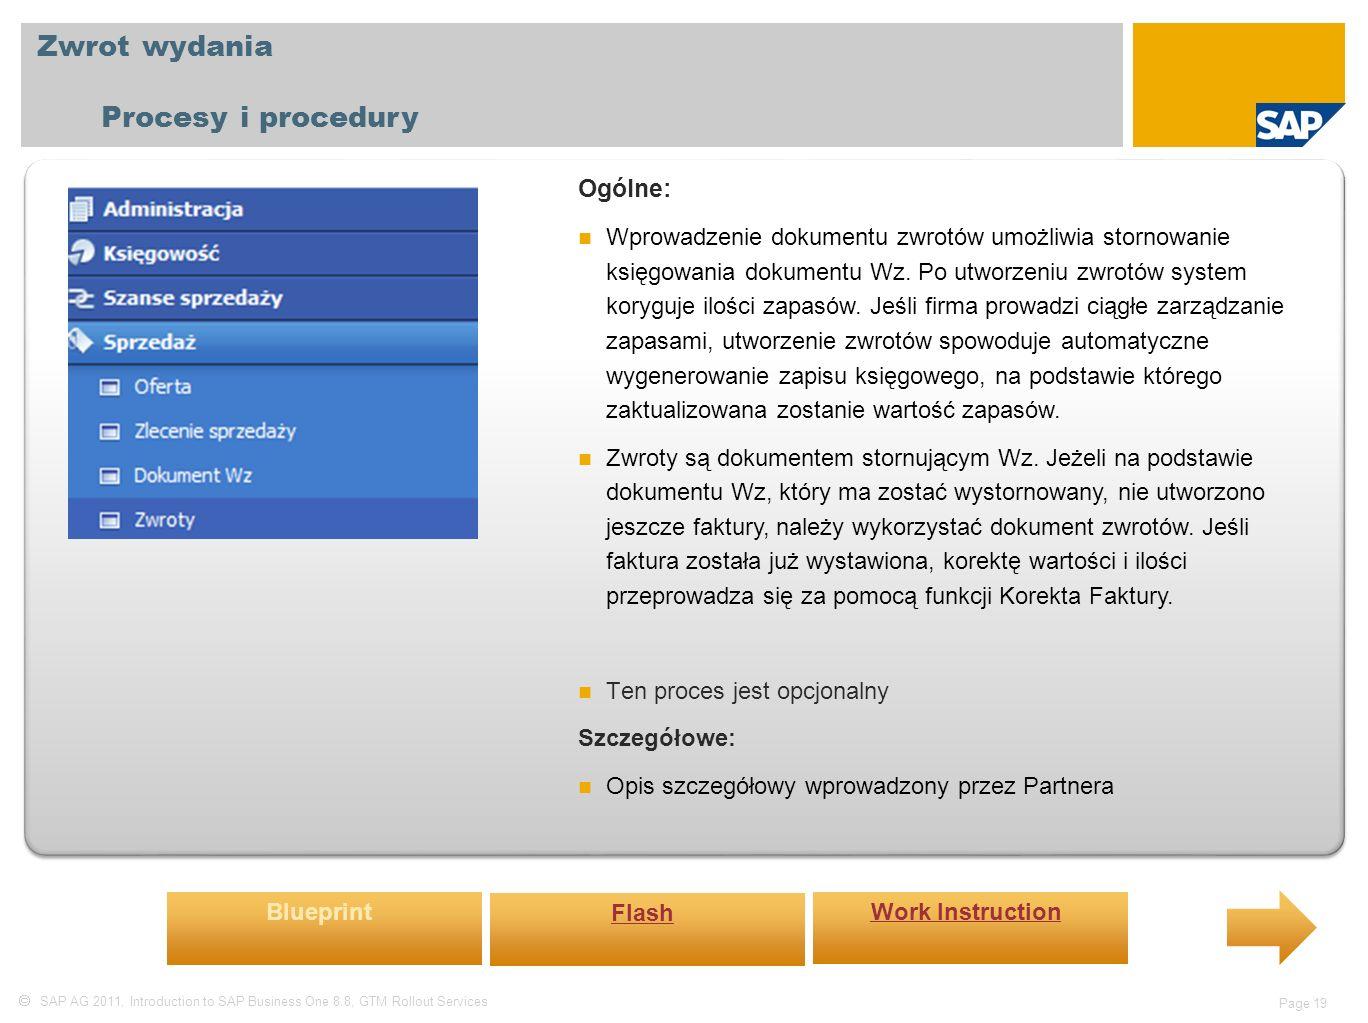  SAP AG 2011, Introduction to SAP Business One 8.8, GTM Rollout Services Page 19 Zwrot wydania Procesy i procedury Ogólne: Wprowadzenie dokumentu zwrotów umożliwia stornowanie księgowania dokumentu Wz.